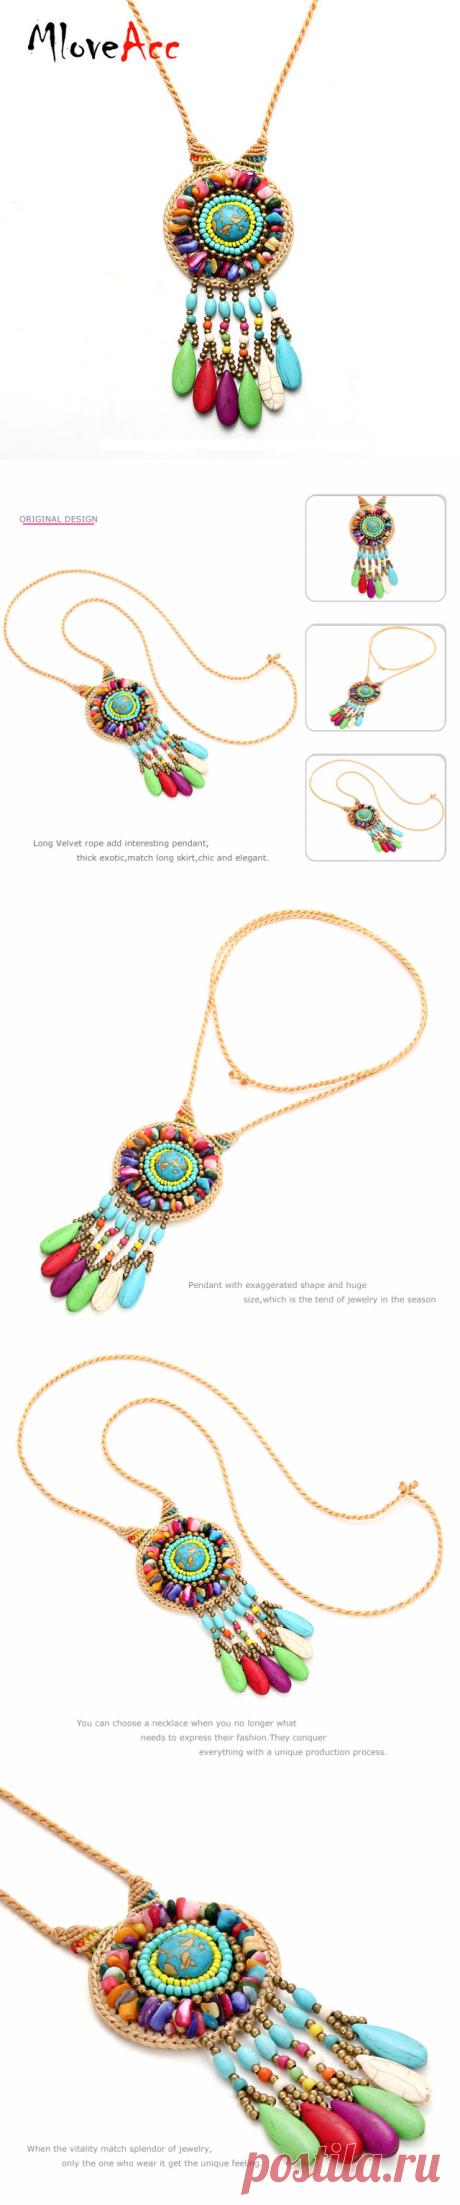 Mloveacc Богемия многоцветный камень Бусины Подвески для Для женщин бренд Винтаж ручной работы, плетеные заявление Цепочки и ожерелья отпуск купить на AliExpress